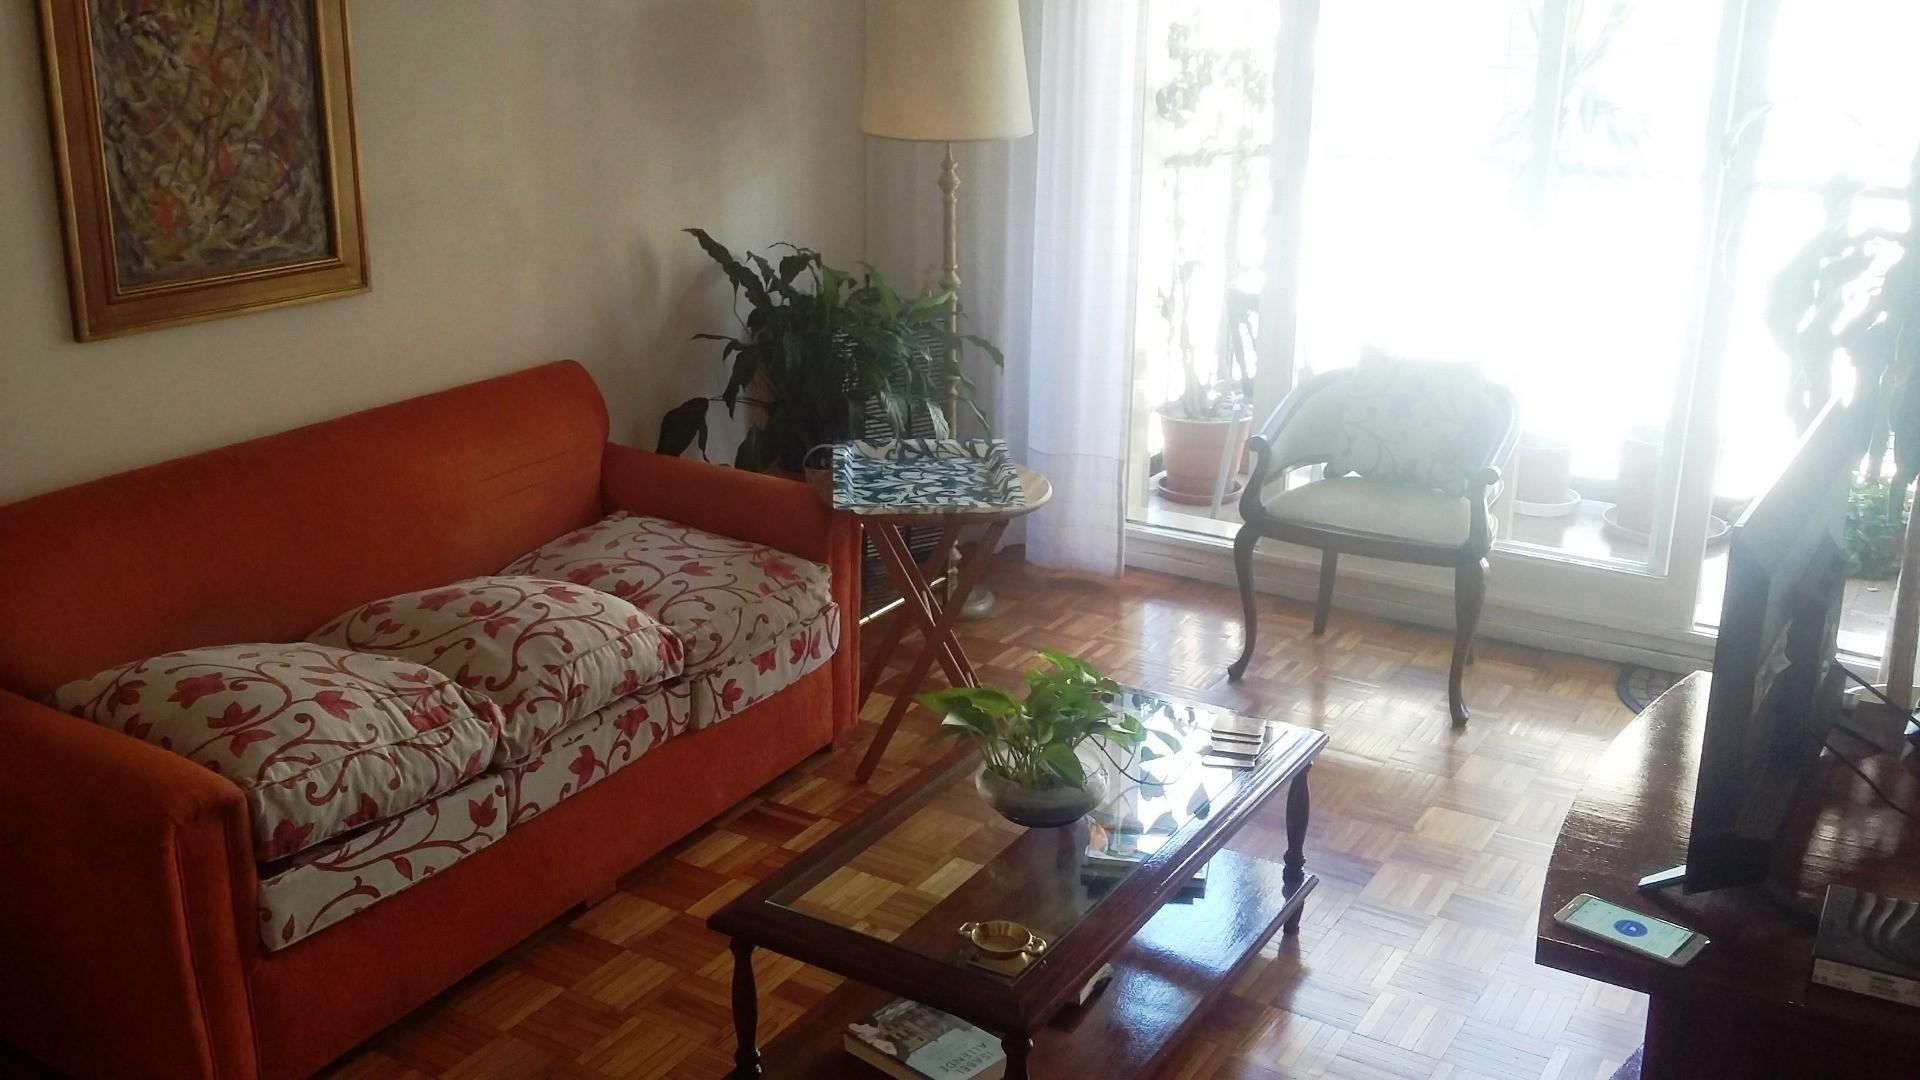 San Luis 2700 - Balvanera - Exc. 3 Amb C/dep